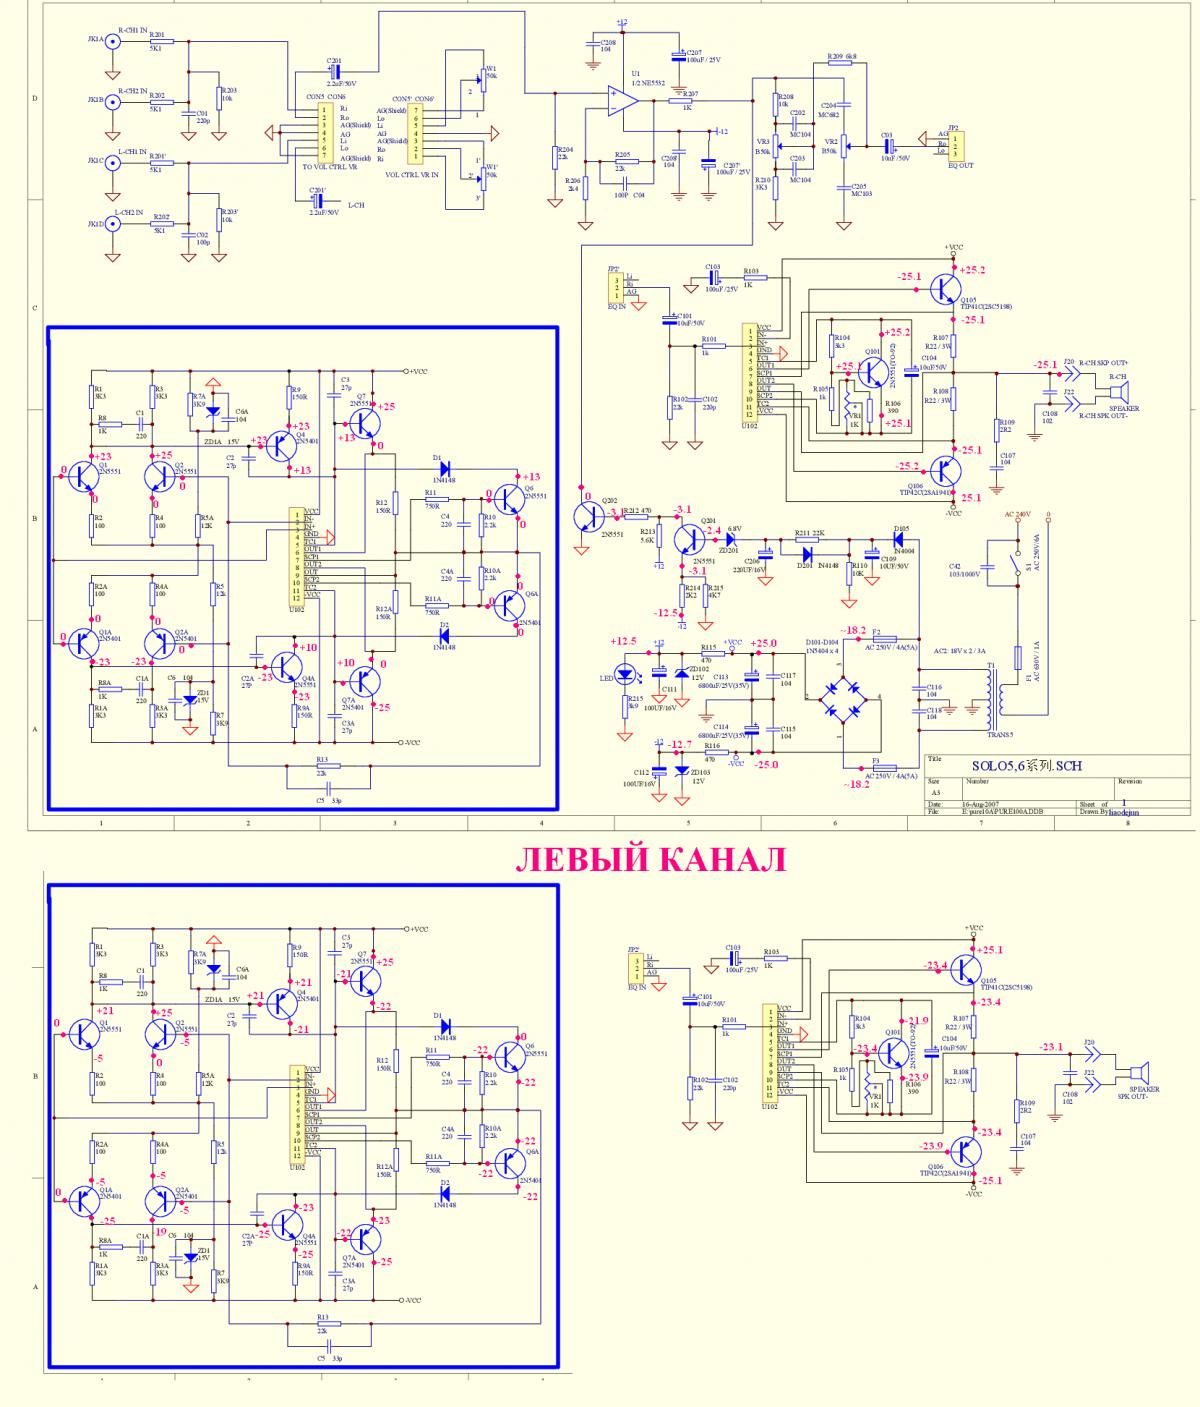 Принципиальная электрическая схема акустической системы sven 611s